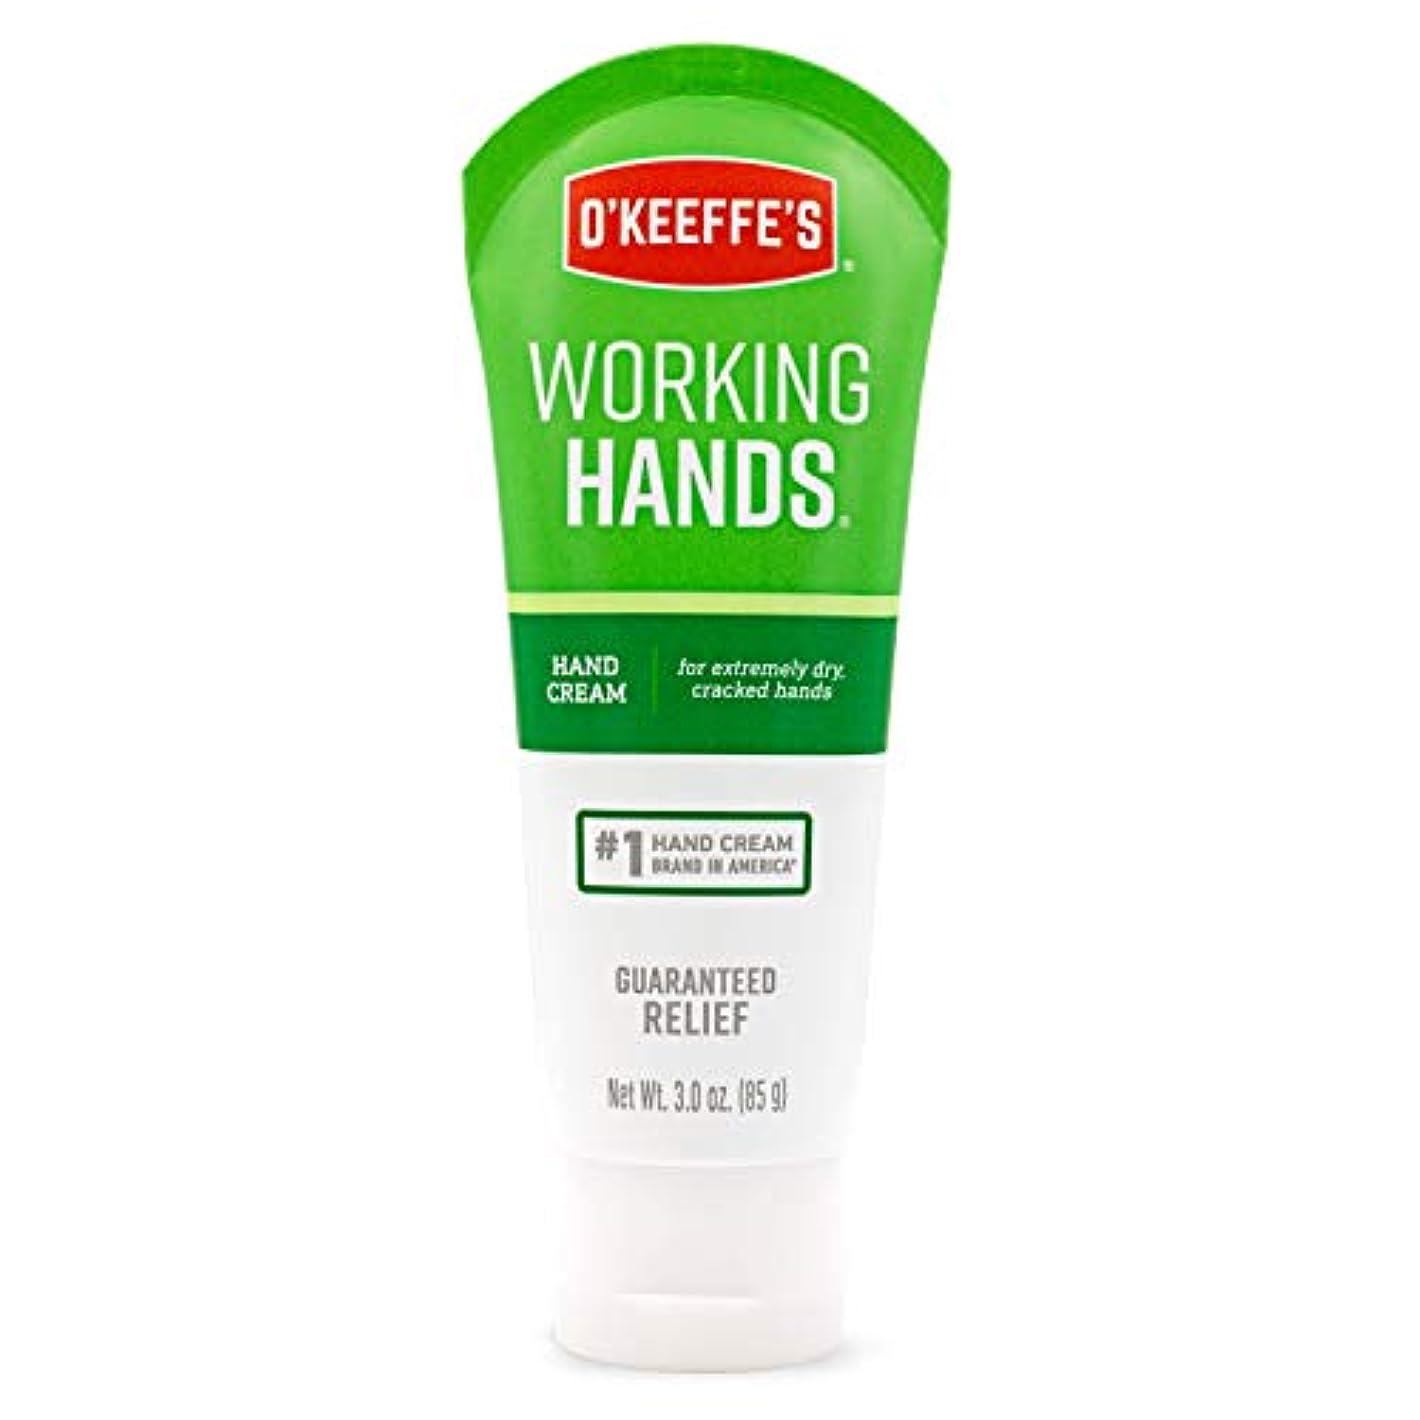 それによって慣らす無実オキーフス ワーキングハンドクリーム チューブ  85g 1点 (並行輸入品) O'Keeffe's Working Hands Hand Cream 3oz